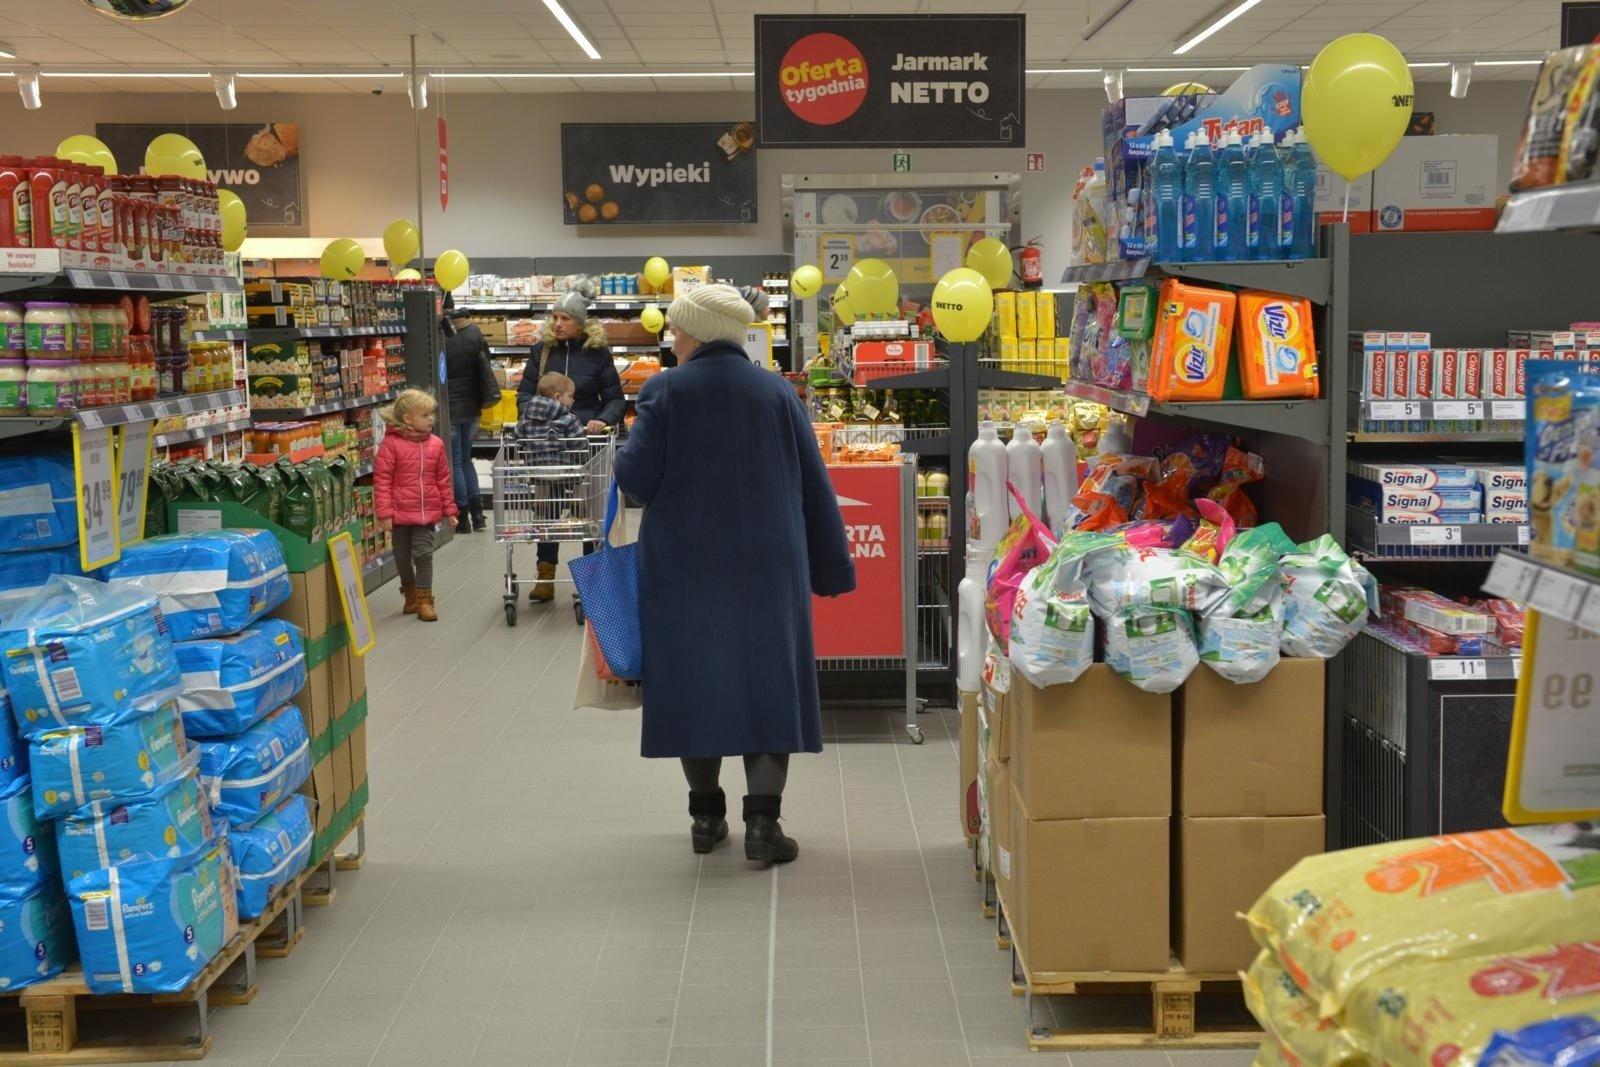 Niedziele handlowe w 2020 r. Uwaga, duże zmiany w zakazie handlu od nowego roku! [2.01.2020] | Gazeta Pomorska